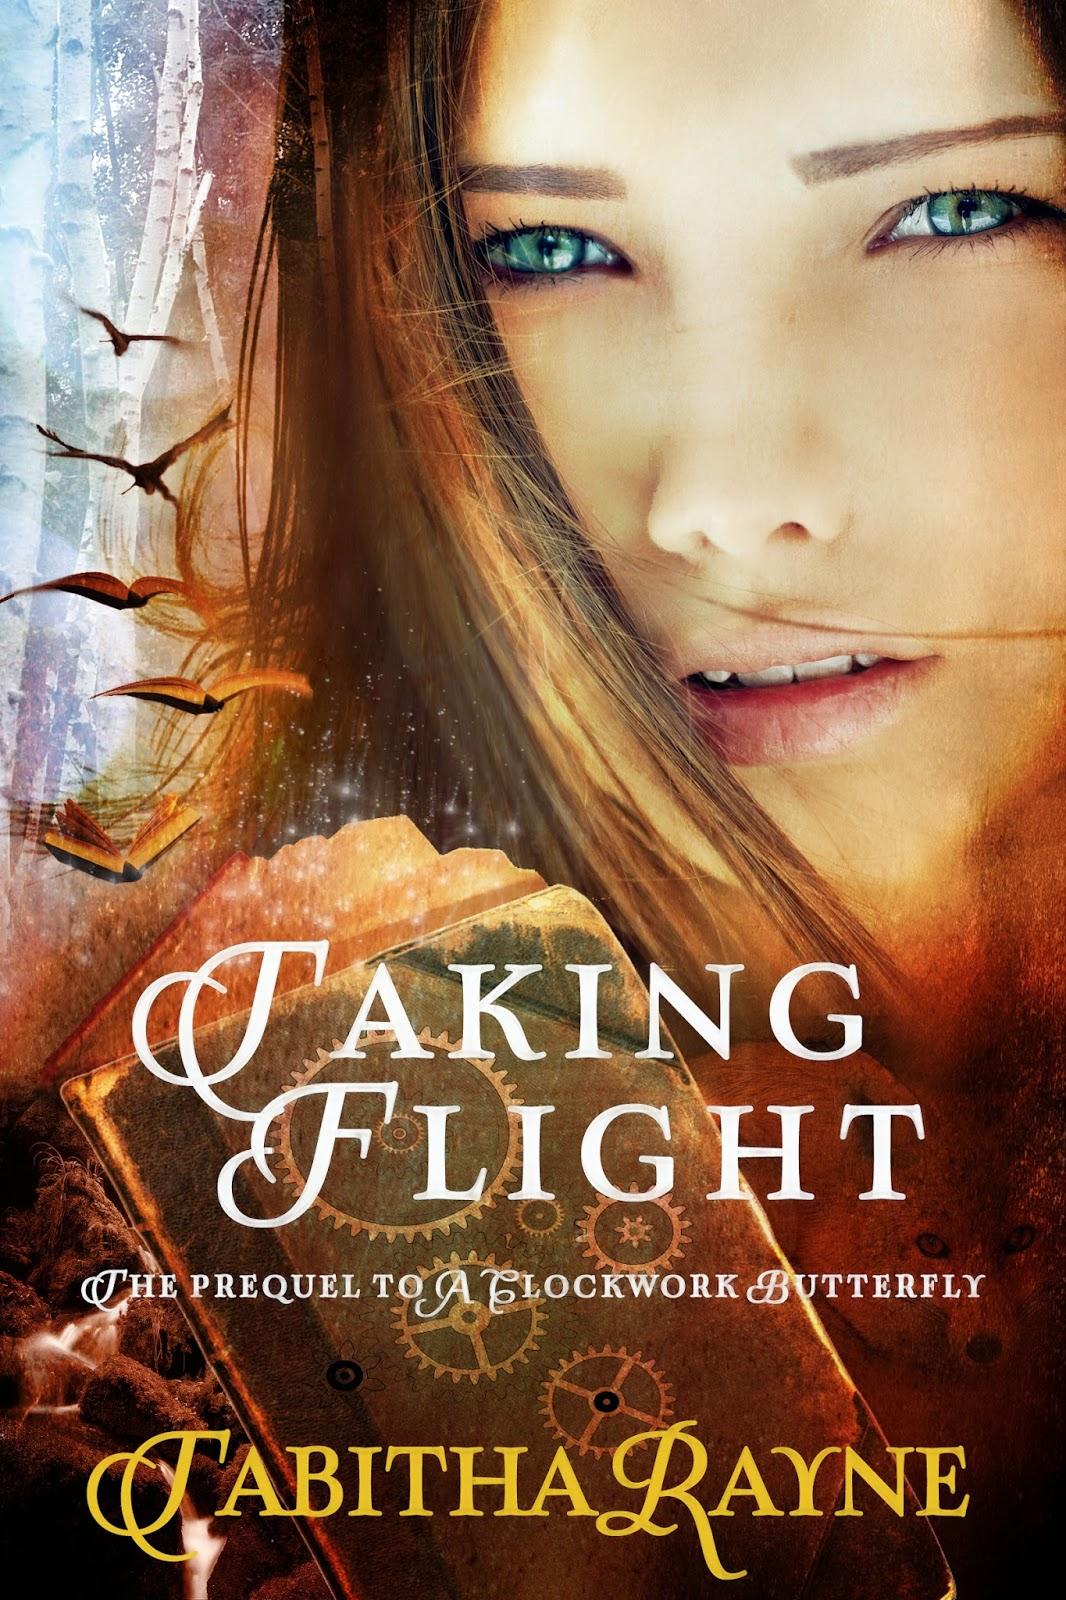 Cover Reveal! Taking Flight